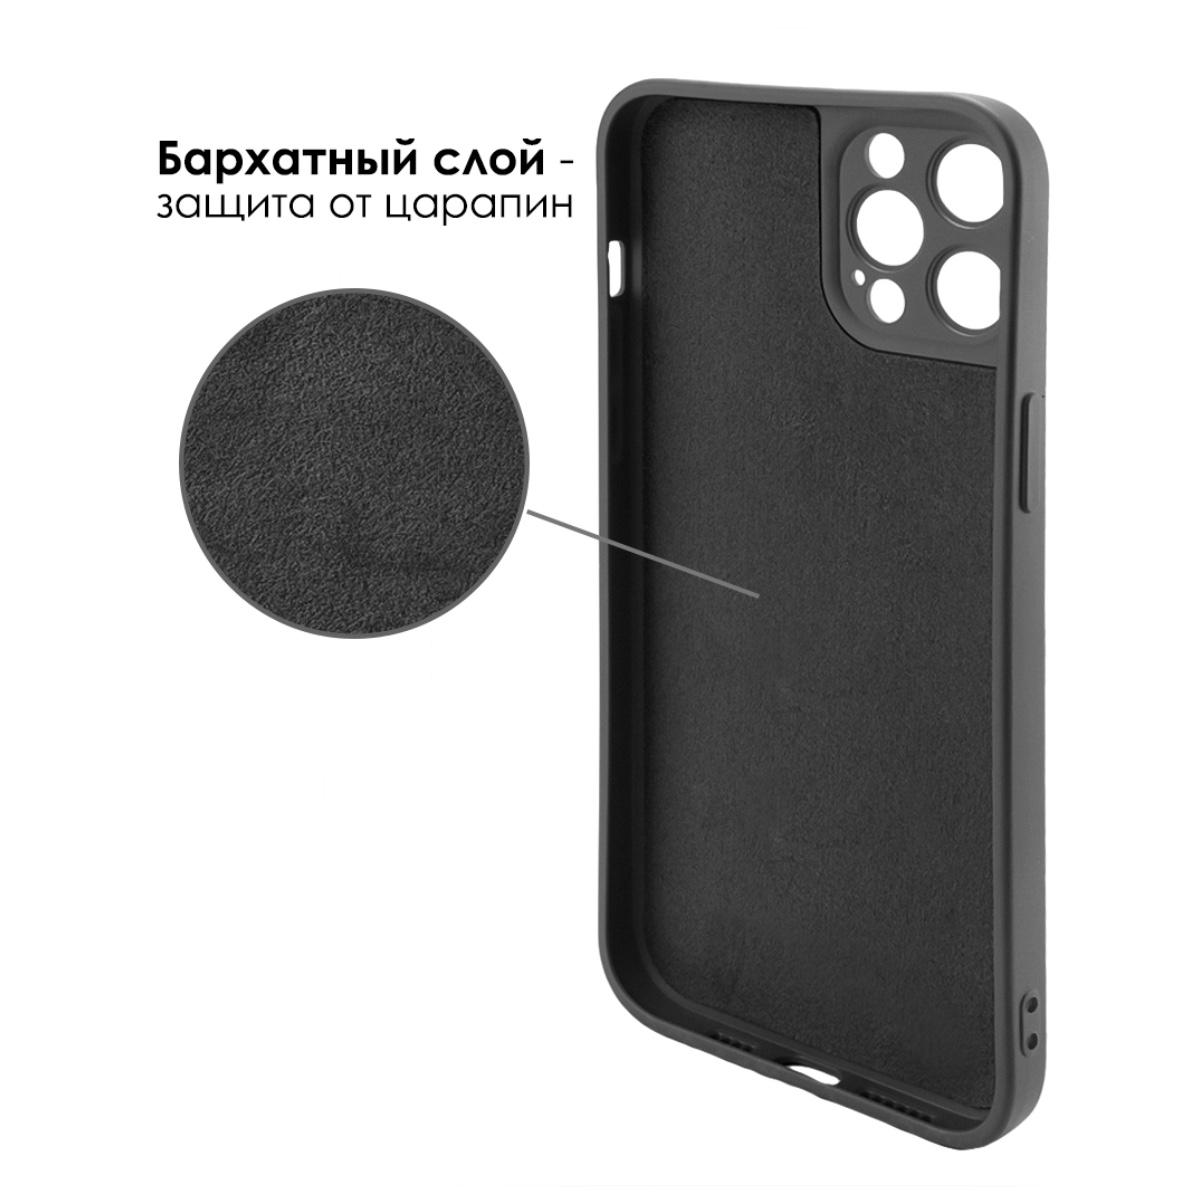 Черный силиконовый чехол для iPhone 12 Pro Max Joker/ Джокер для Айфон 12 Про Макс